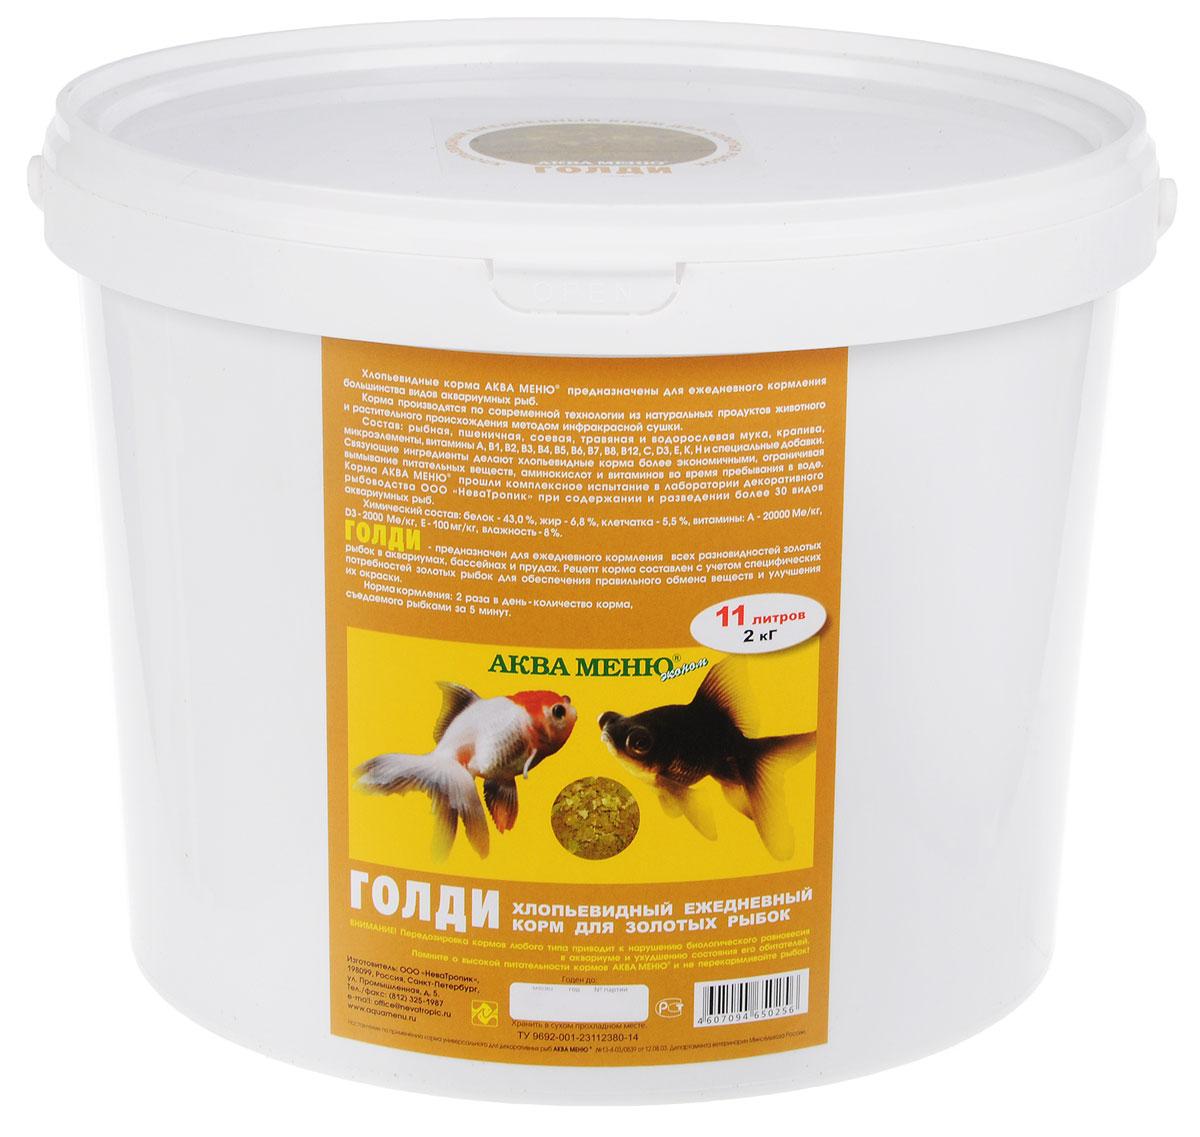 Корм Aquamenu Голди, для золотых рыбок, 11 л (2 кг)7082Хлопьевидный корм Aquamenu Голди предназначен для ежедневного кормления большинства видов аквариумных рыб. Корм производится по современной технологии из натуральных продуктов животного и растительного происхождения методом инфракрасной сушки. Связующие ингредиенты делают корм более экзотичным, ограничивая вымывание питательных веществ, аминокислот и витаминов во время пребывания в воде. Рецепт корма составлен с учетом специфических потребностей золотых рыбок для обеспечения правильного обмена веществ и улучшения их окраски.Состав: рыбная, пшеничная, соевая, травяная и водорослевая мука, крапива, микроэлементы, витамины A, B1, B2, B3, B4, B5, B6, B7, B8, B12, C, D3, E, K, H и специальные добавки.Товар сертифицирован.